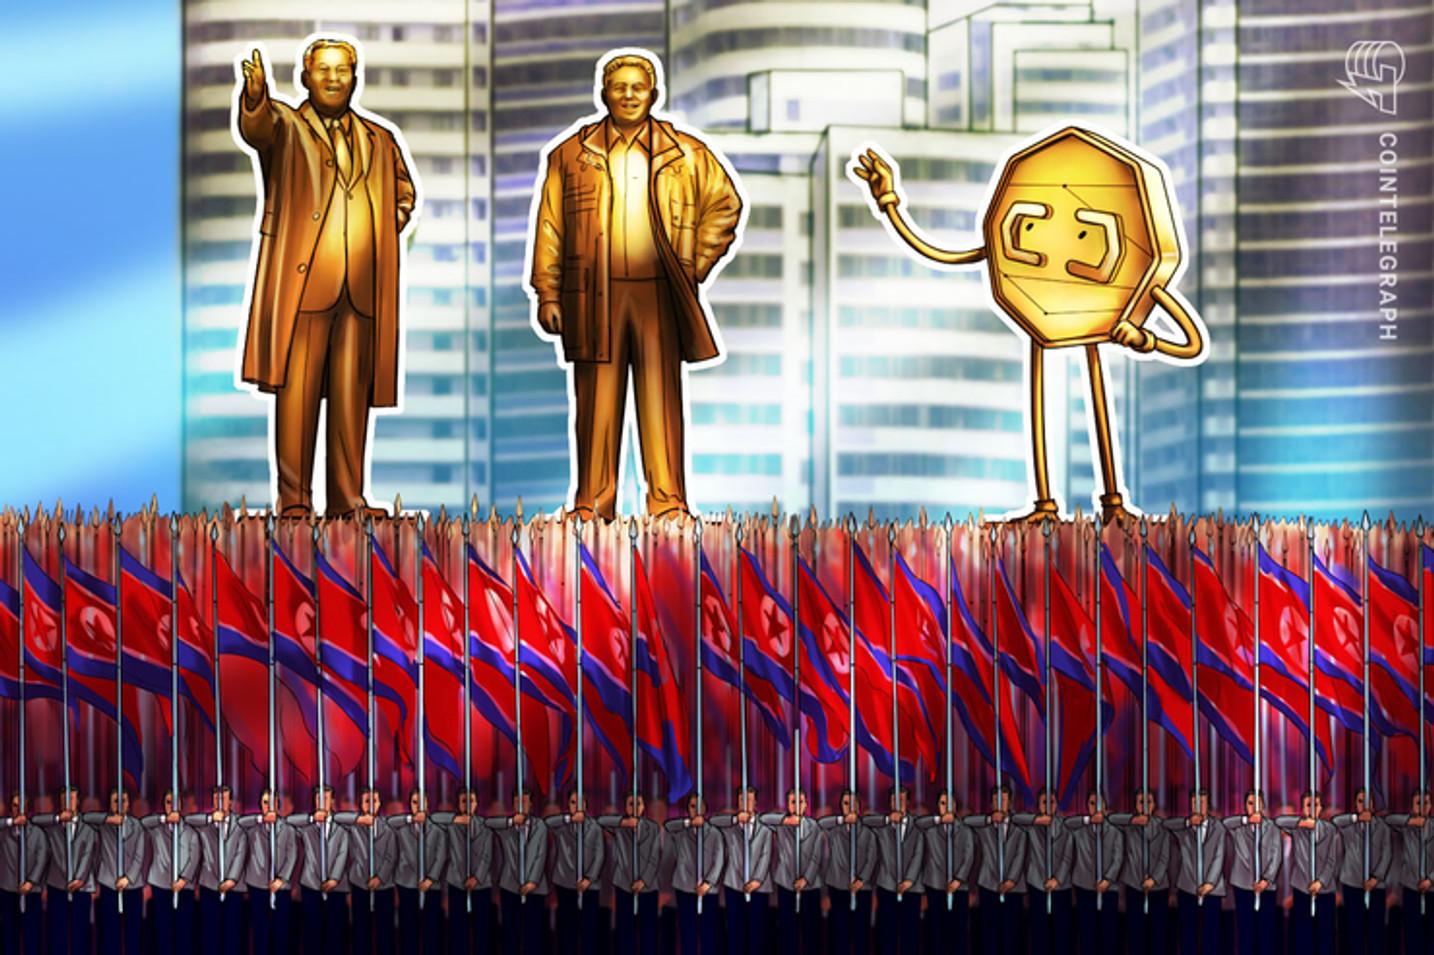 北朝鮮の仮想通貨カンファレンス「出席すれば制裁違反に」、国連が警告=ロイター【ニュース】